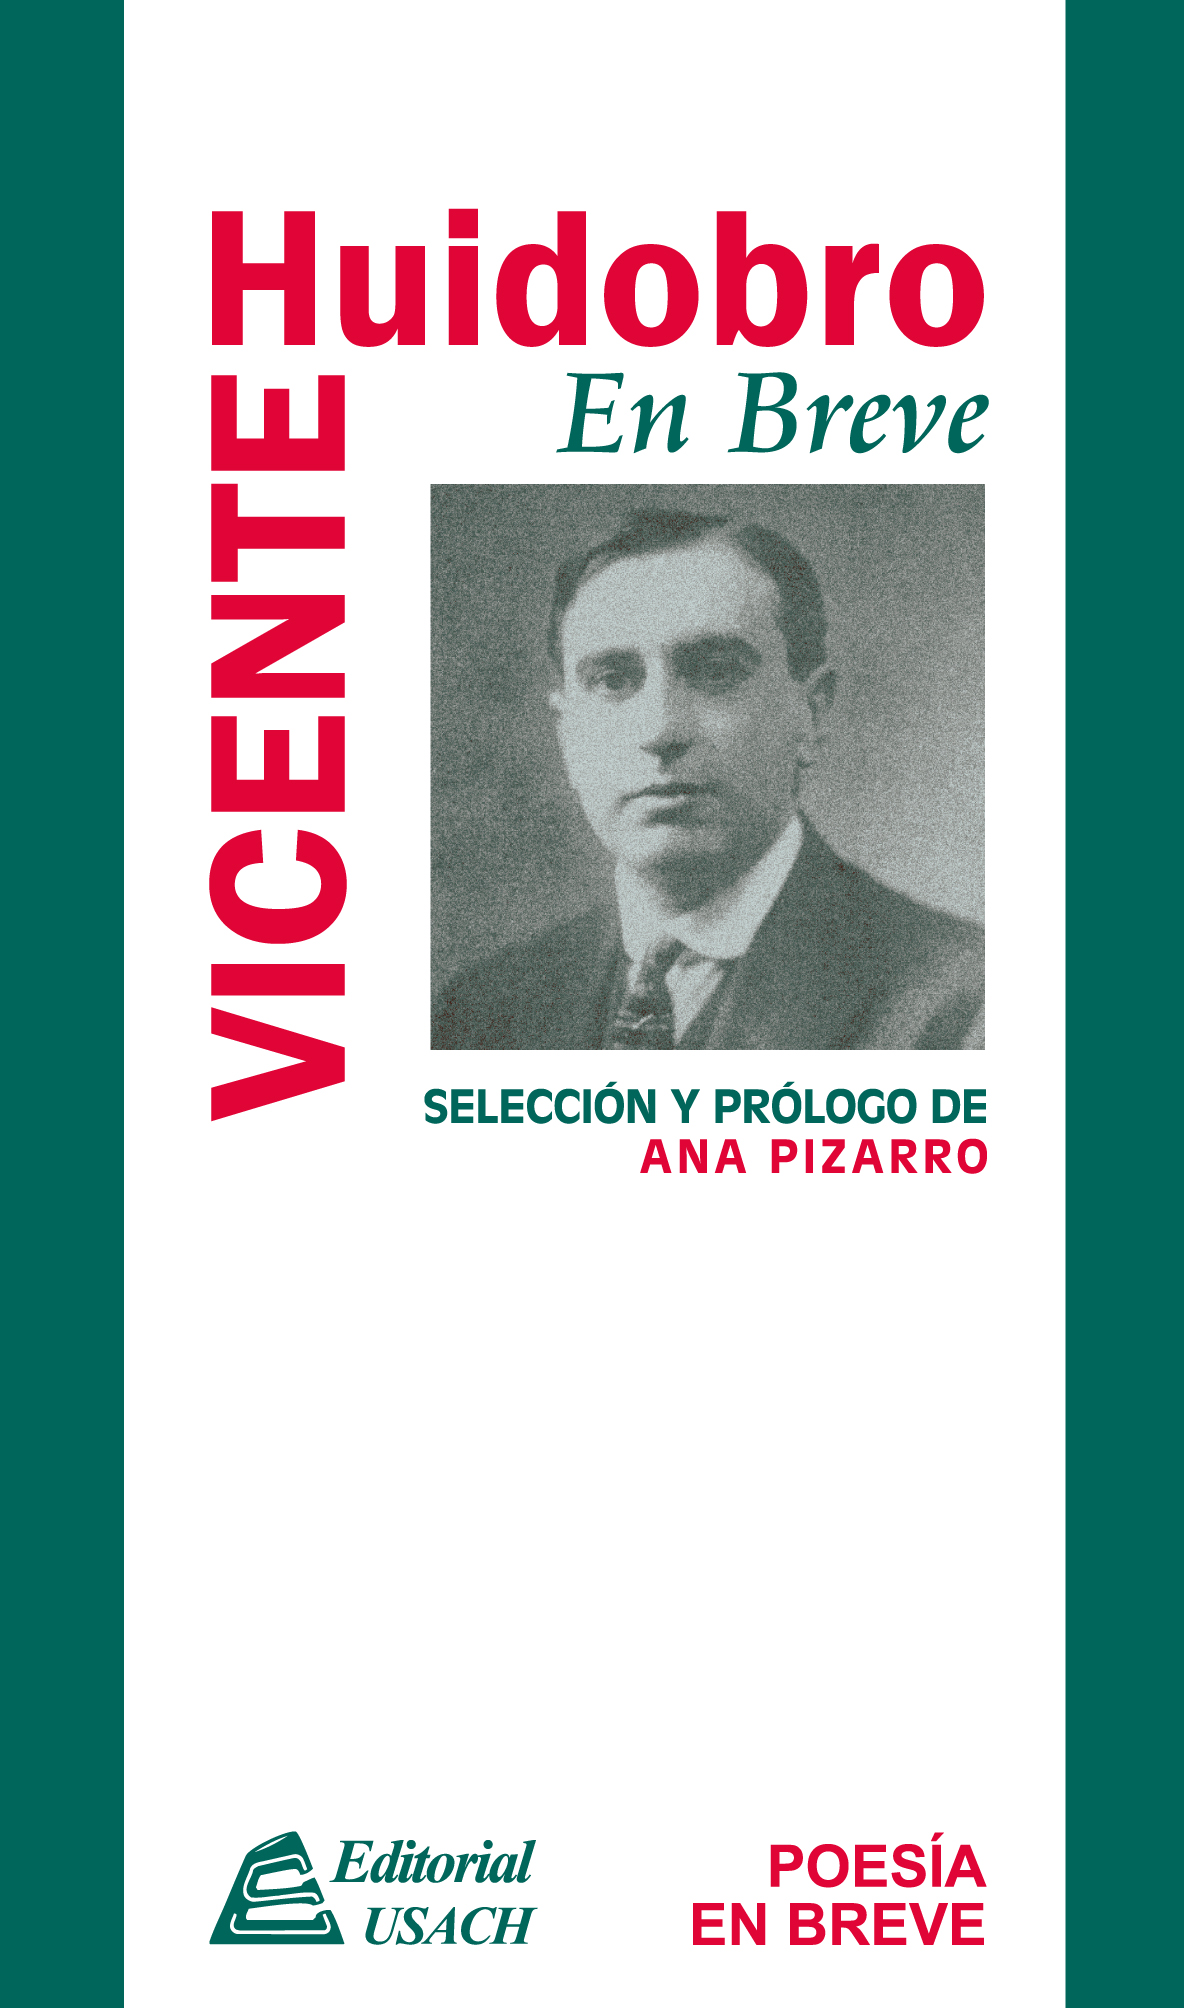 Vicente Huidobro. Poesía en breve